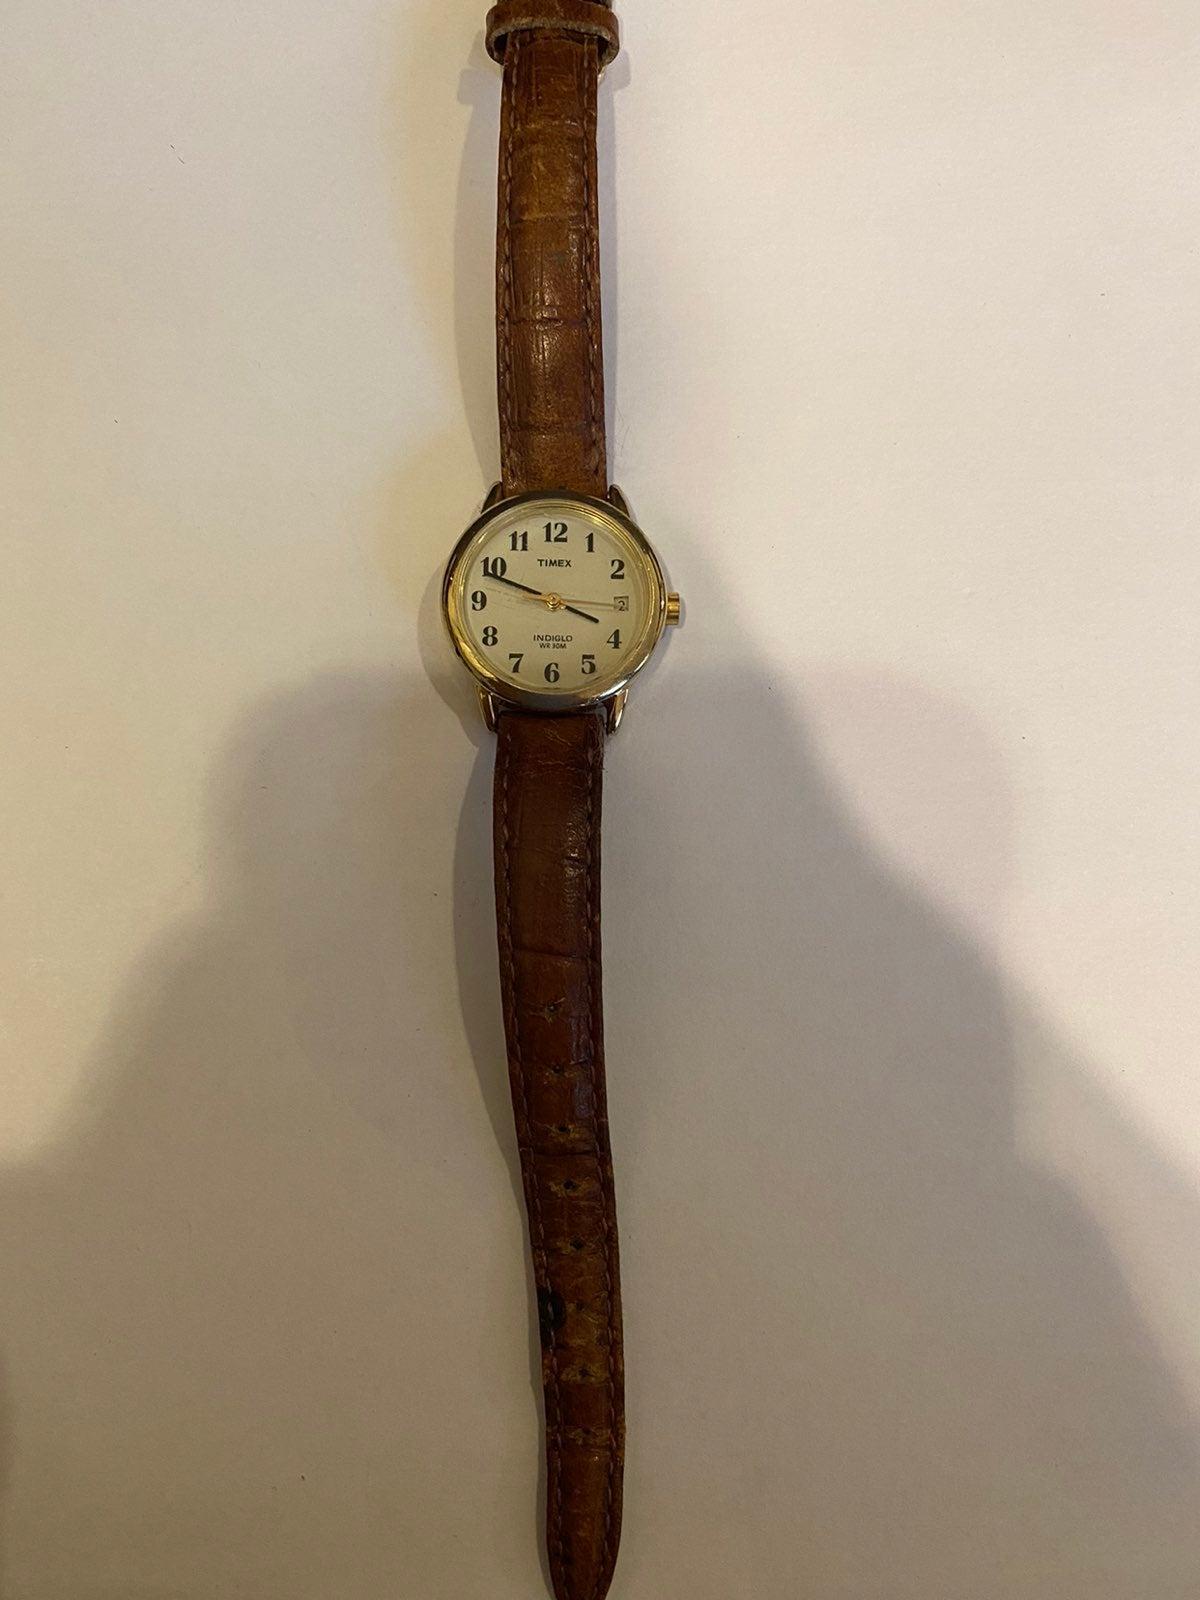 Timex Indiglo WR 30m cr1216